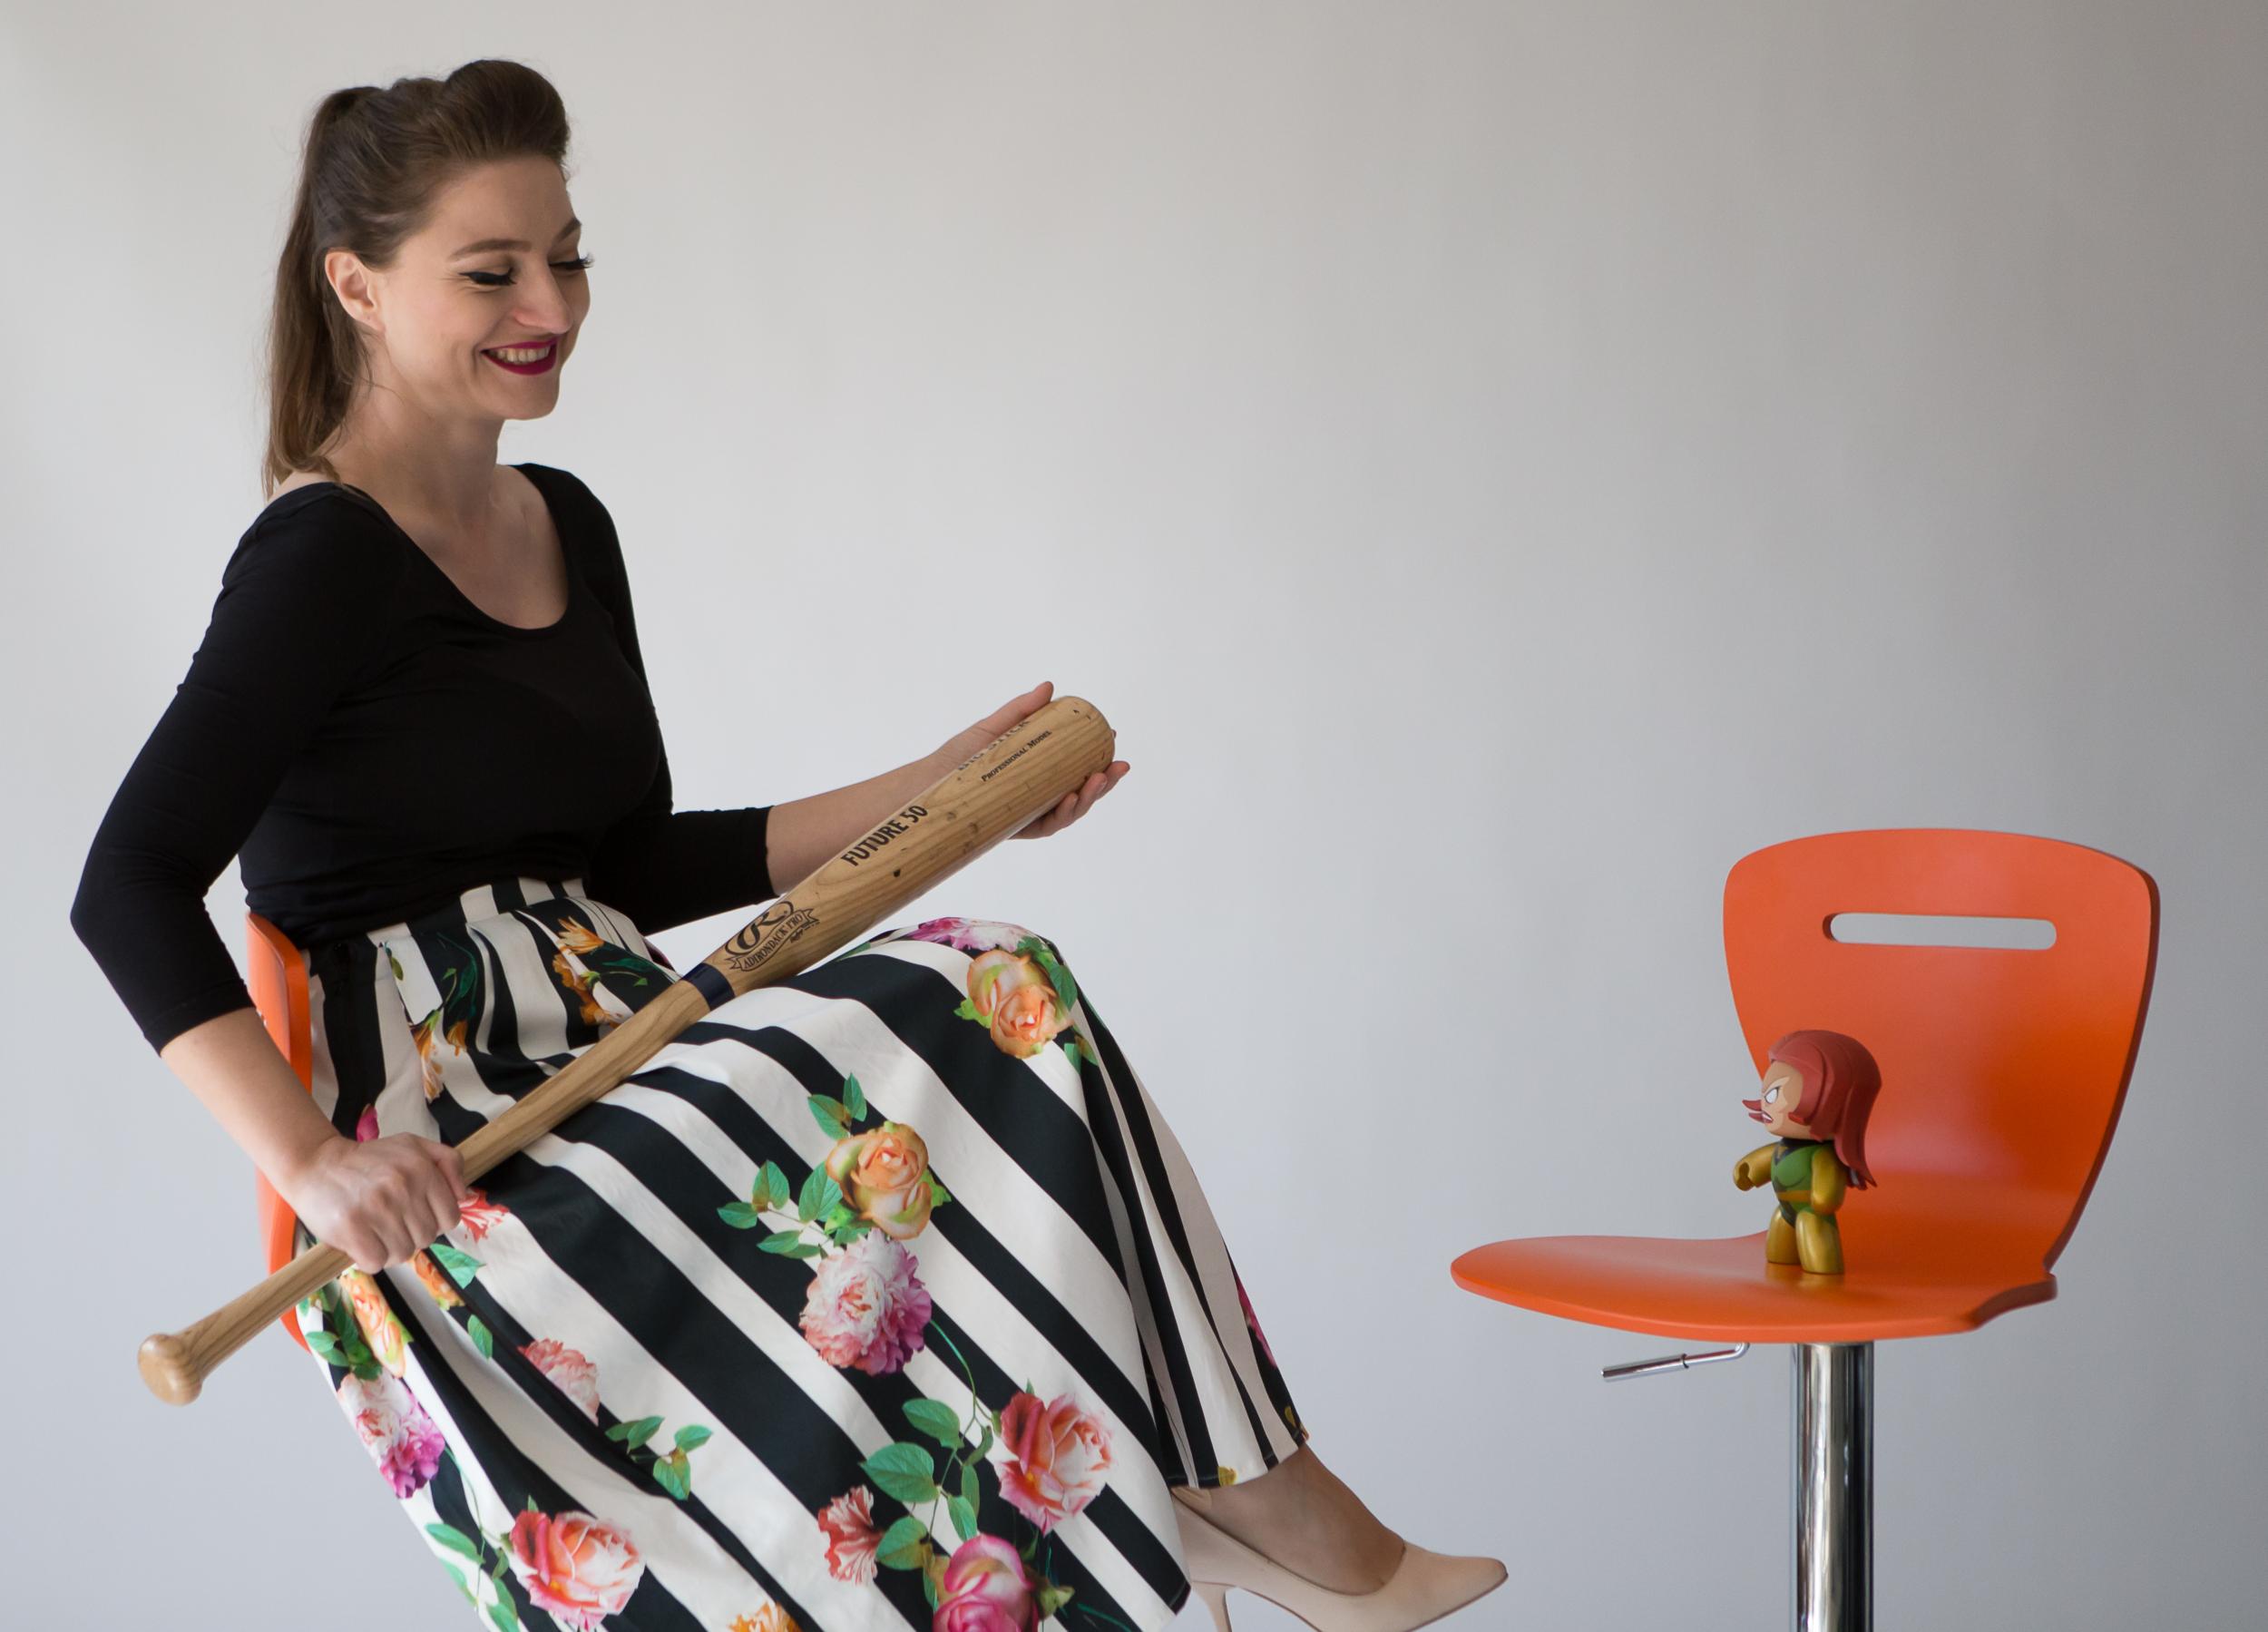 Anca Mihalache - Talent Acquisition Lead, Romania